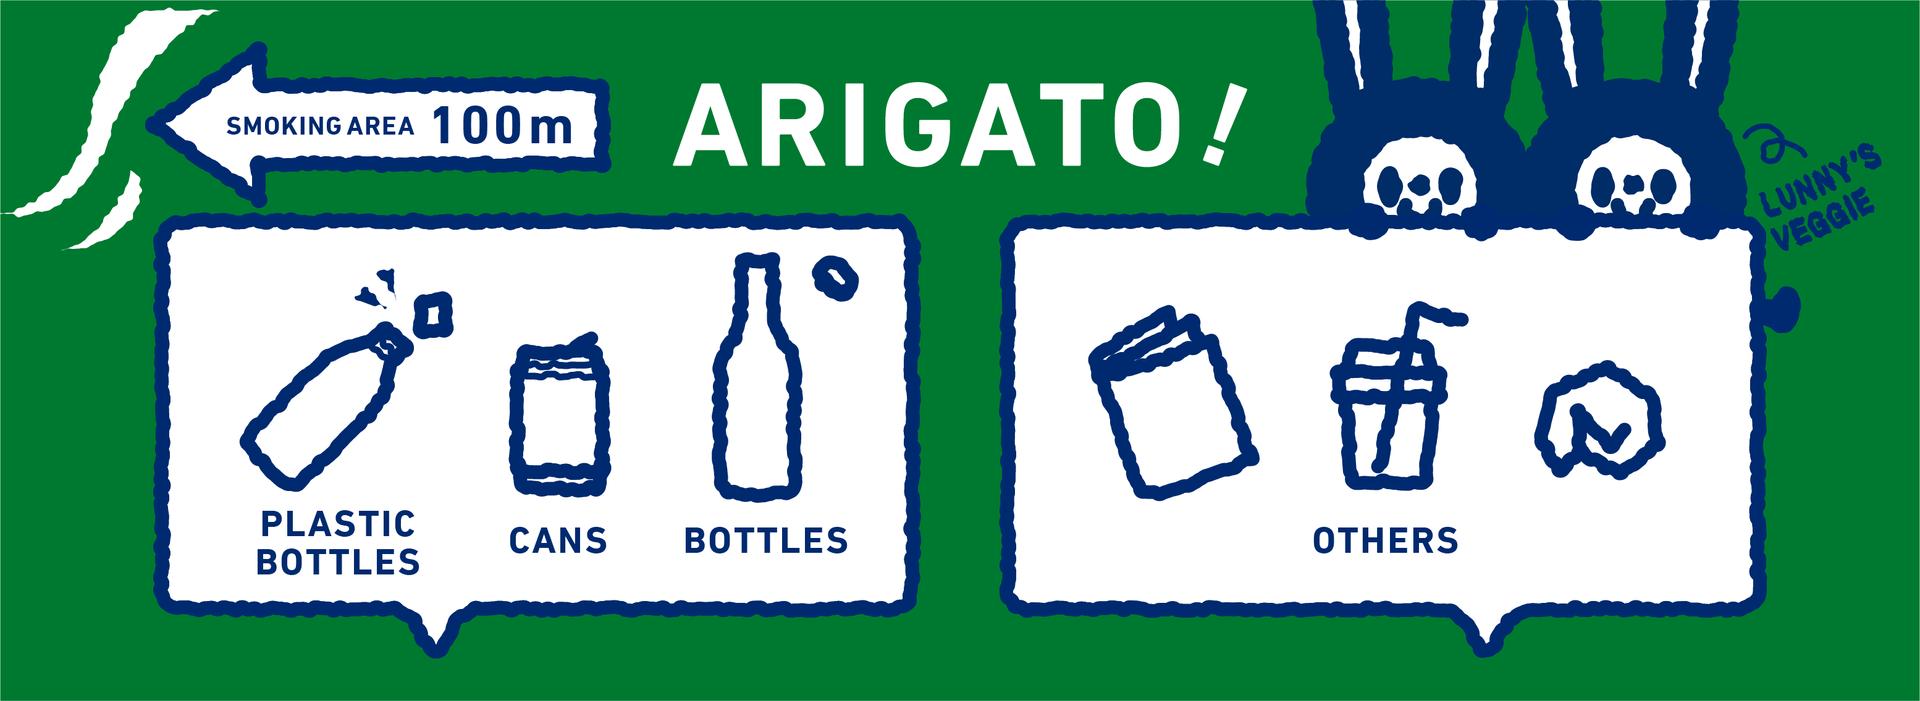 arigato-board-sample-10.png